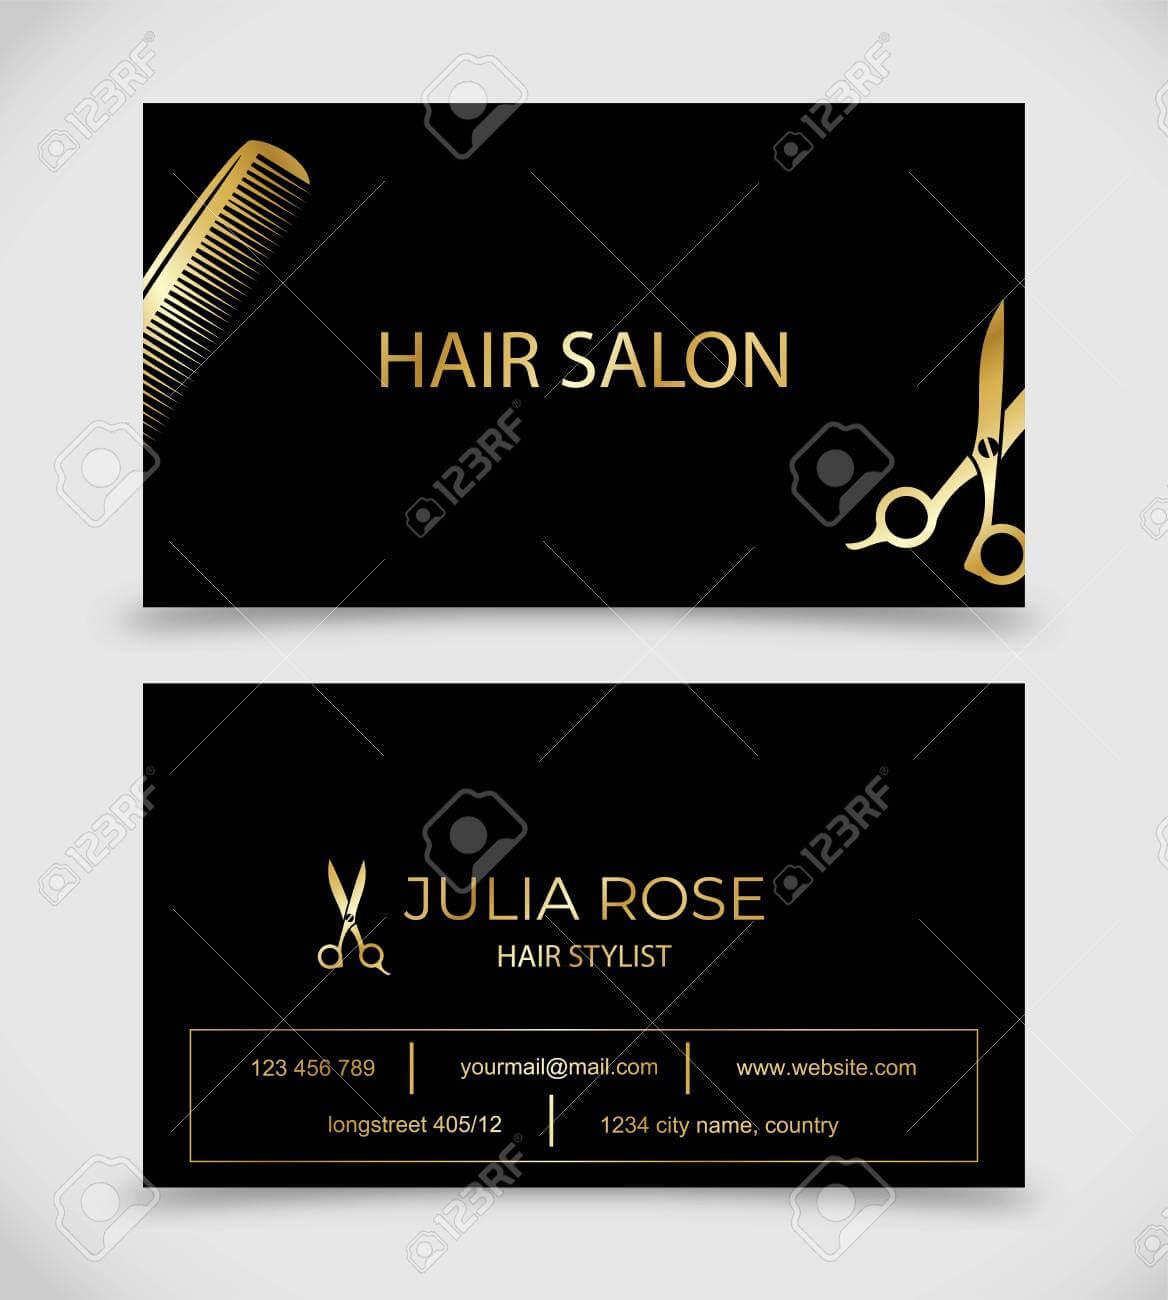 Hair Salon, Hair Stylist Business Card Vector Template Within Hair Salon Business Card Template